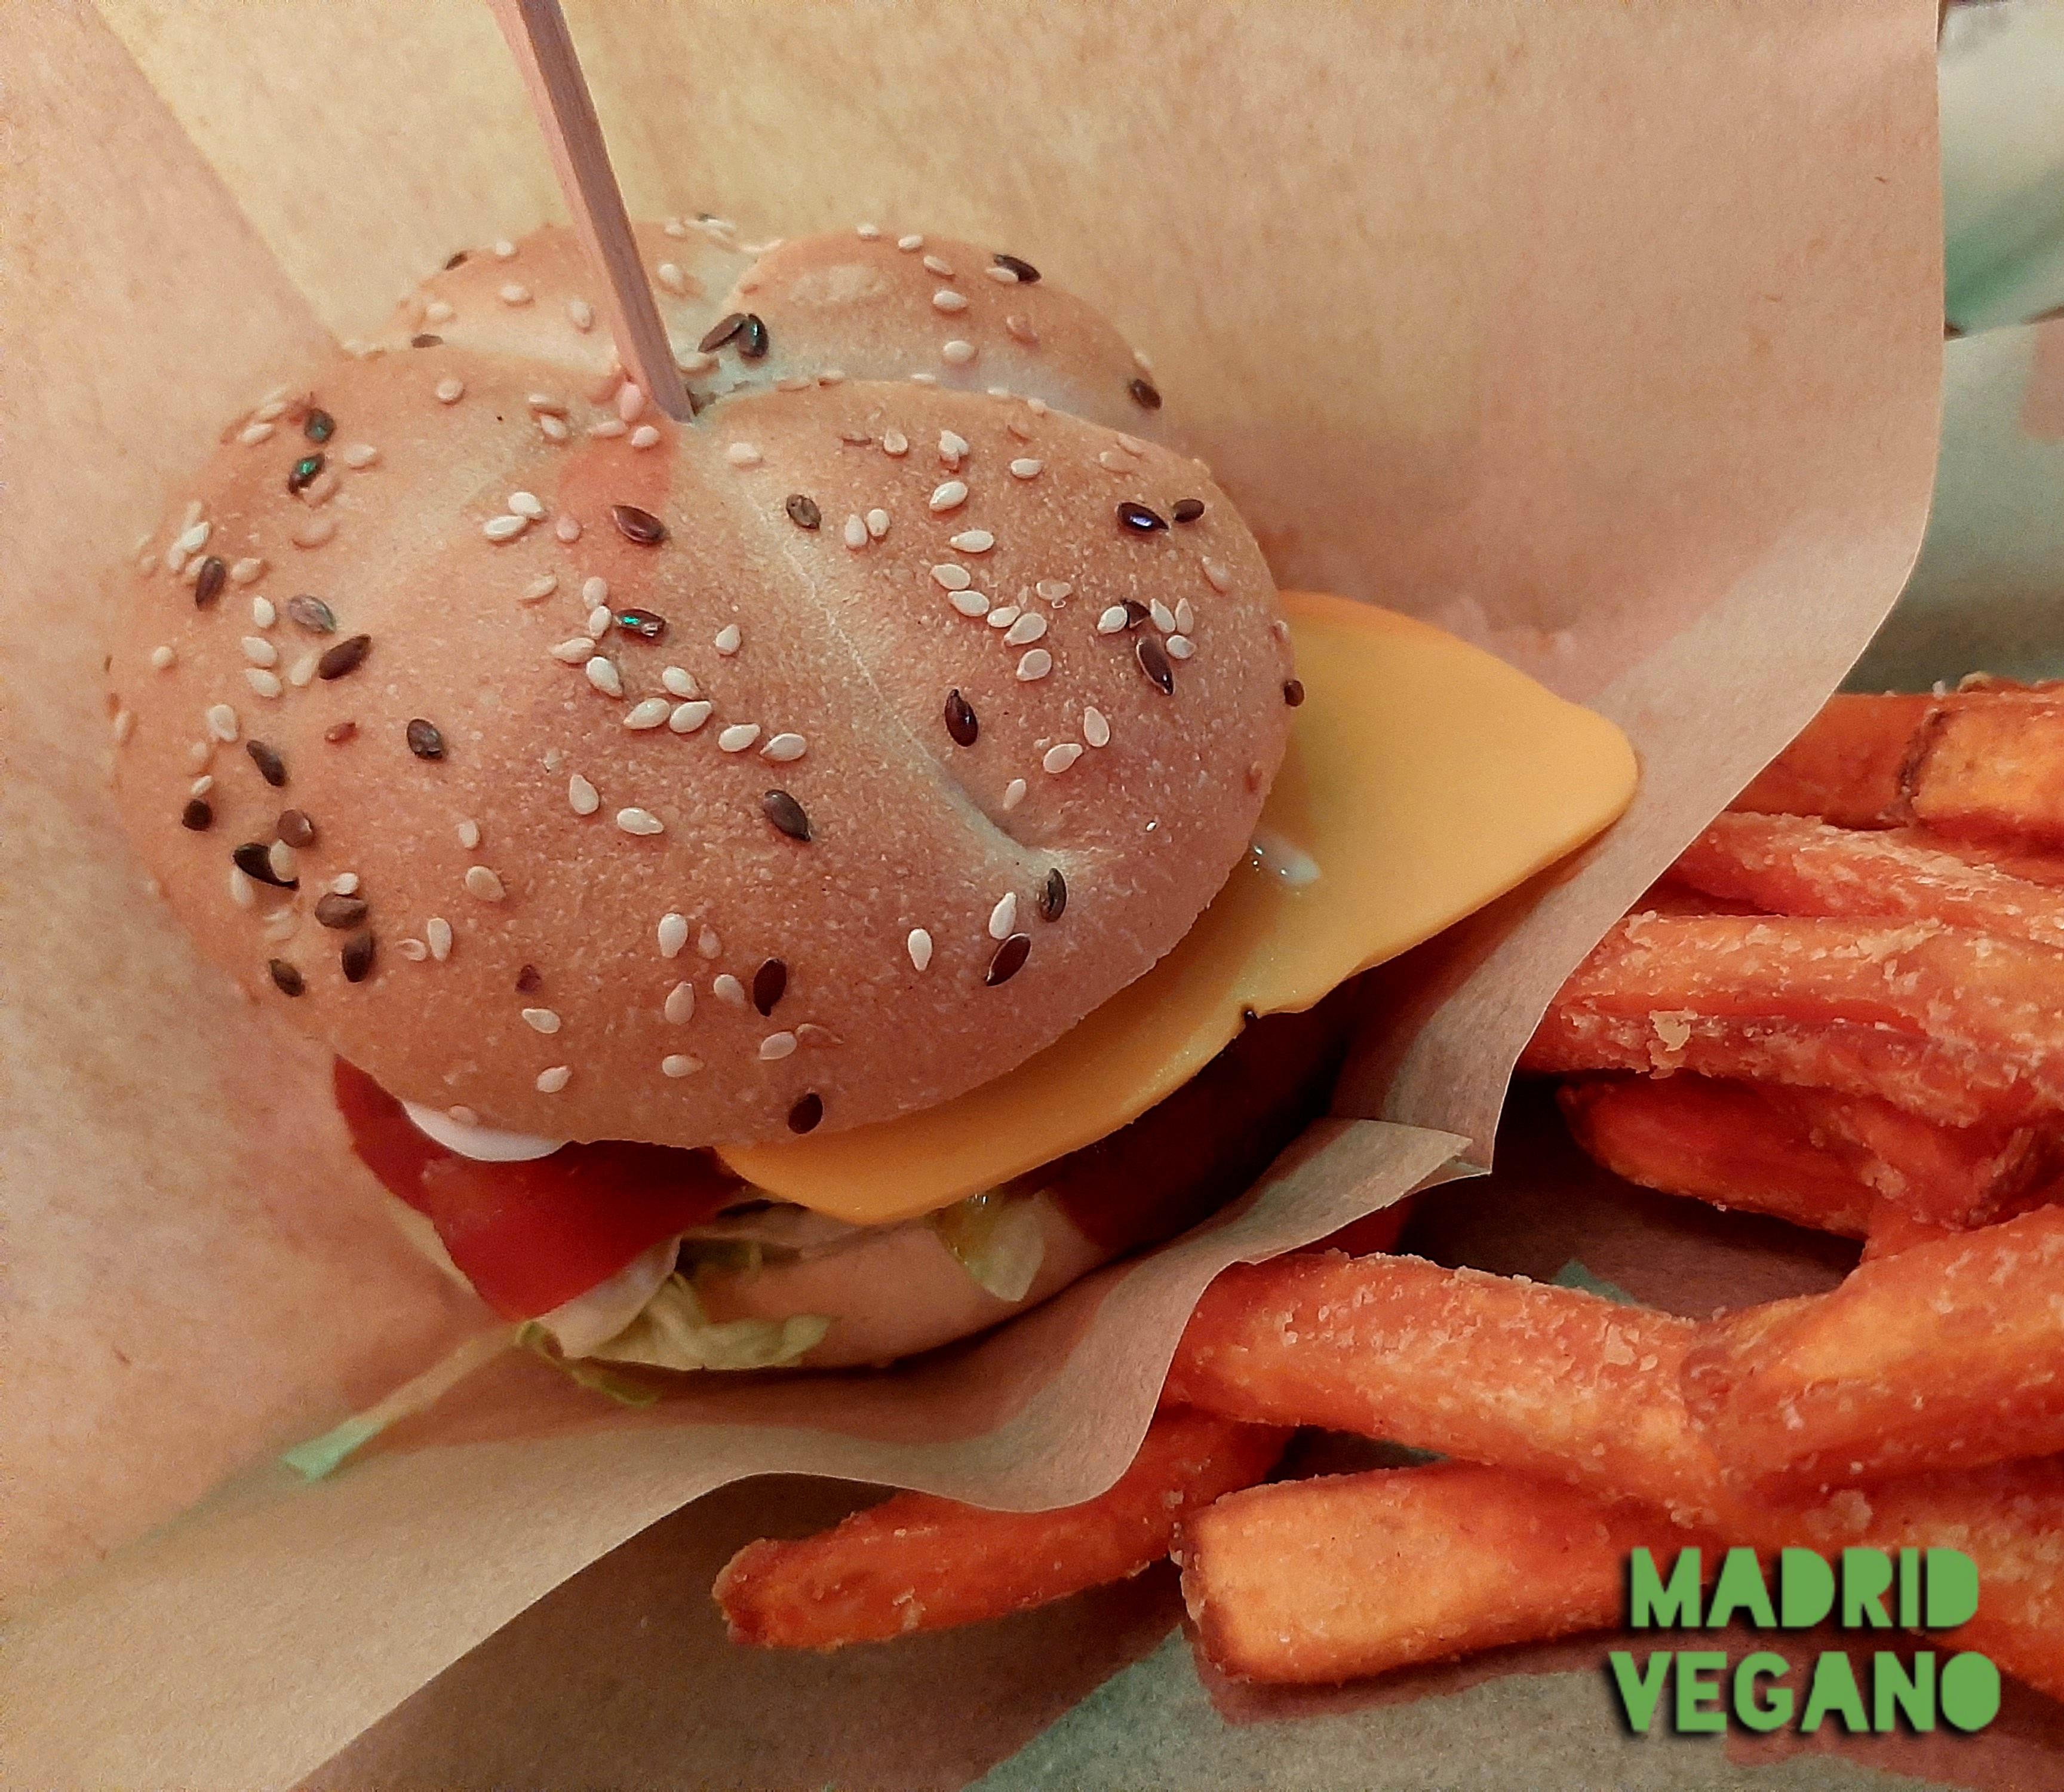 Bioloco Madrid abre sus puertas con una extensa carta de hamburguesas